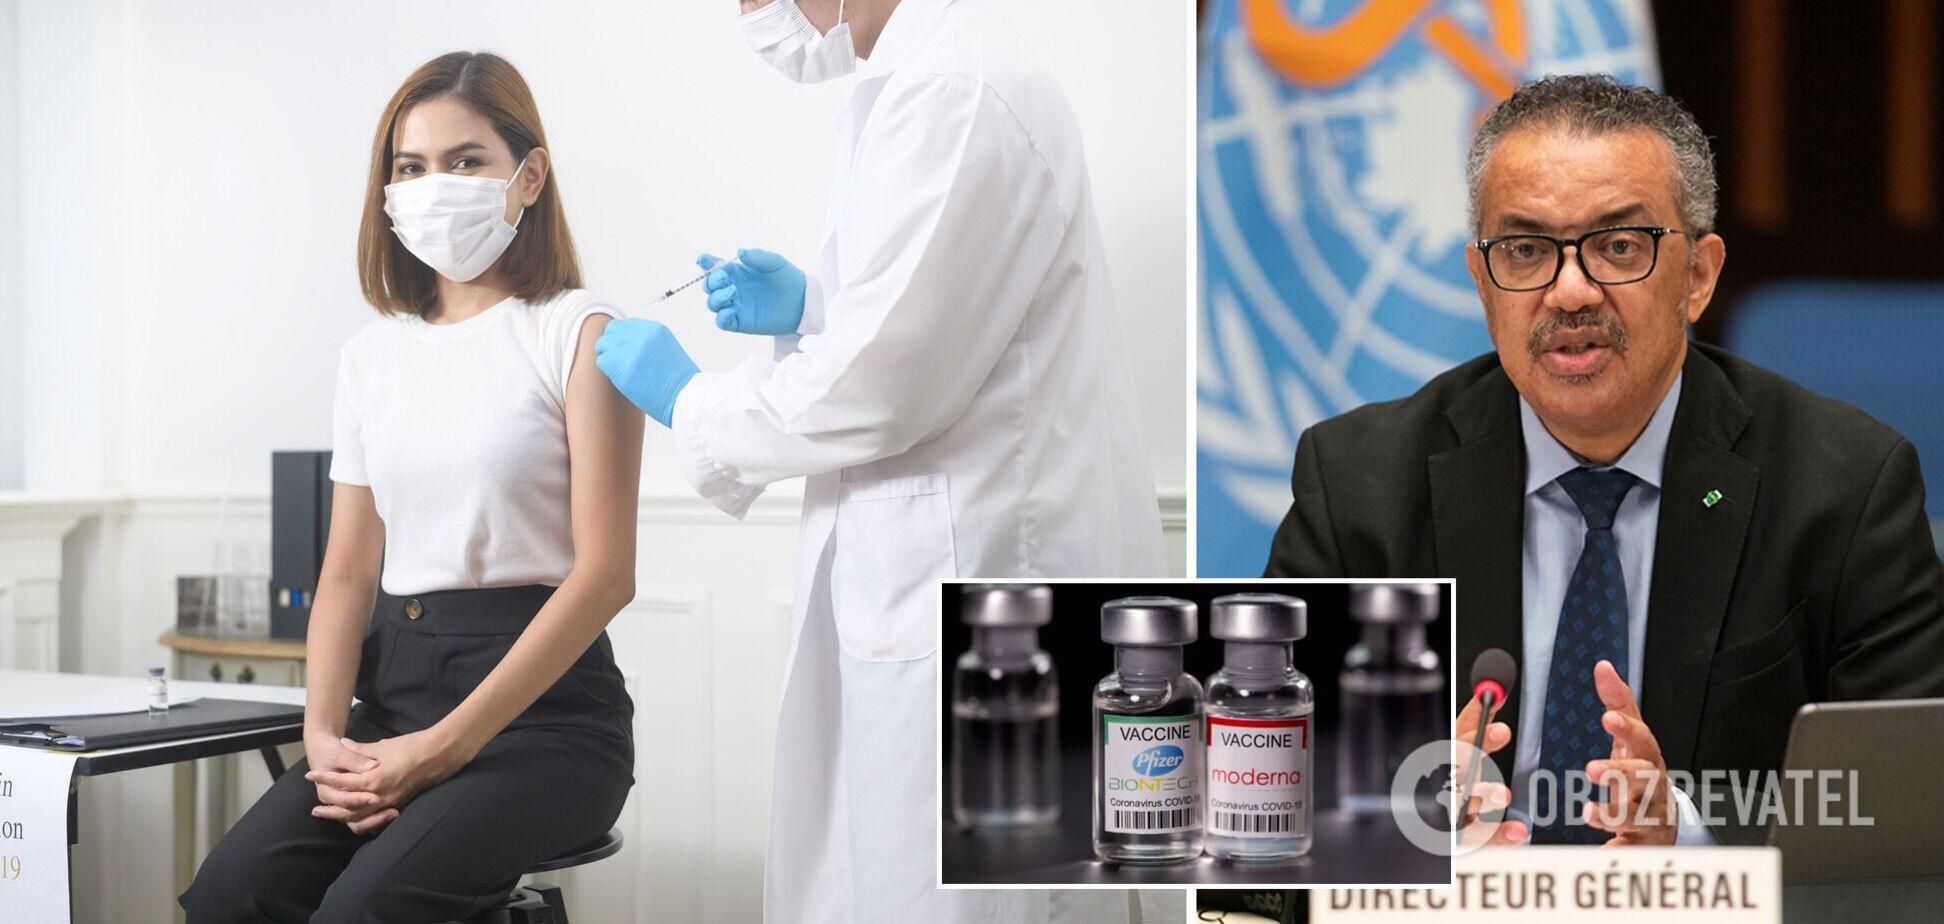 В ВОЗ отвергли предложение о вакцинации против COVID-19 третьей дозой